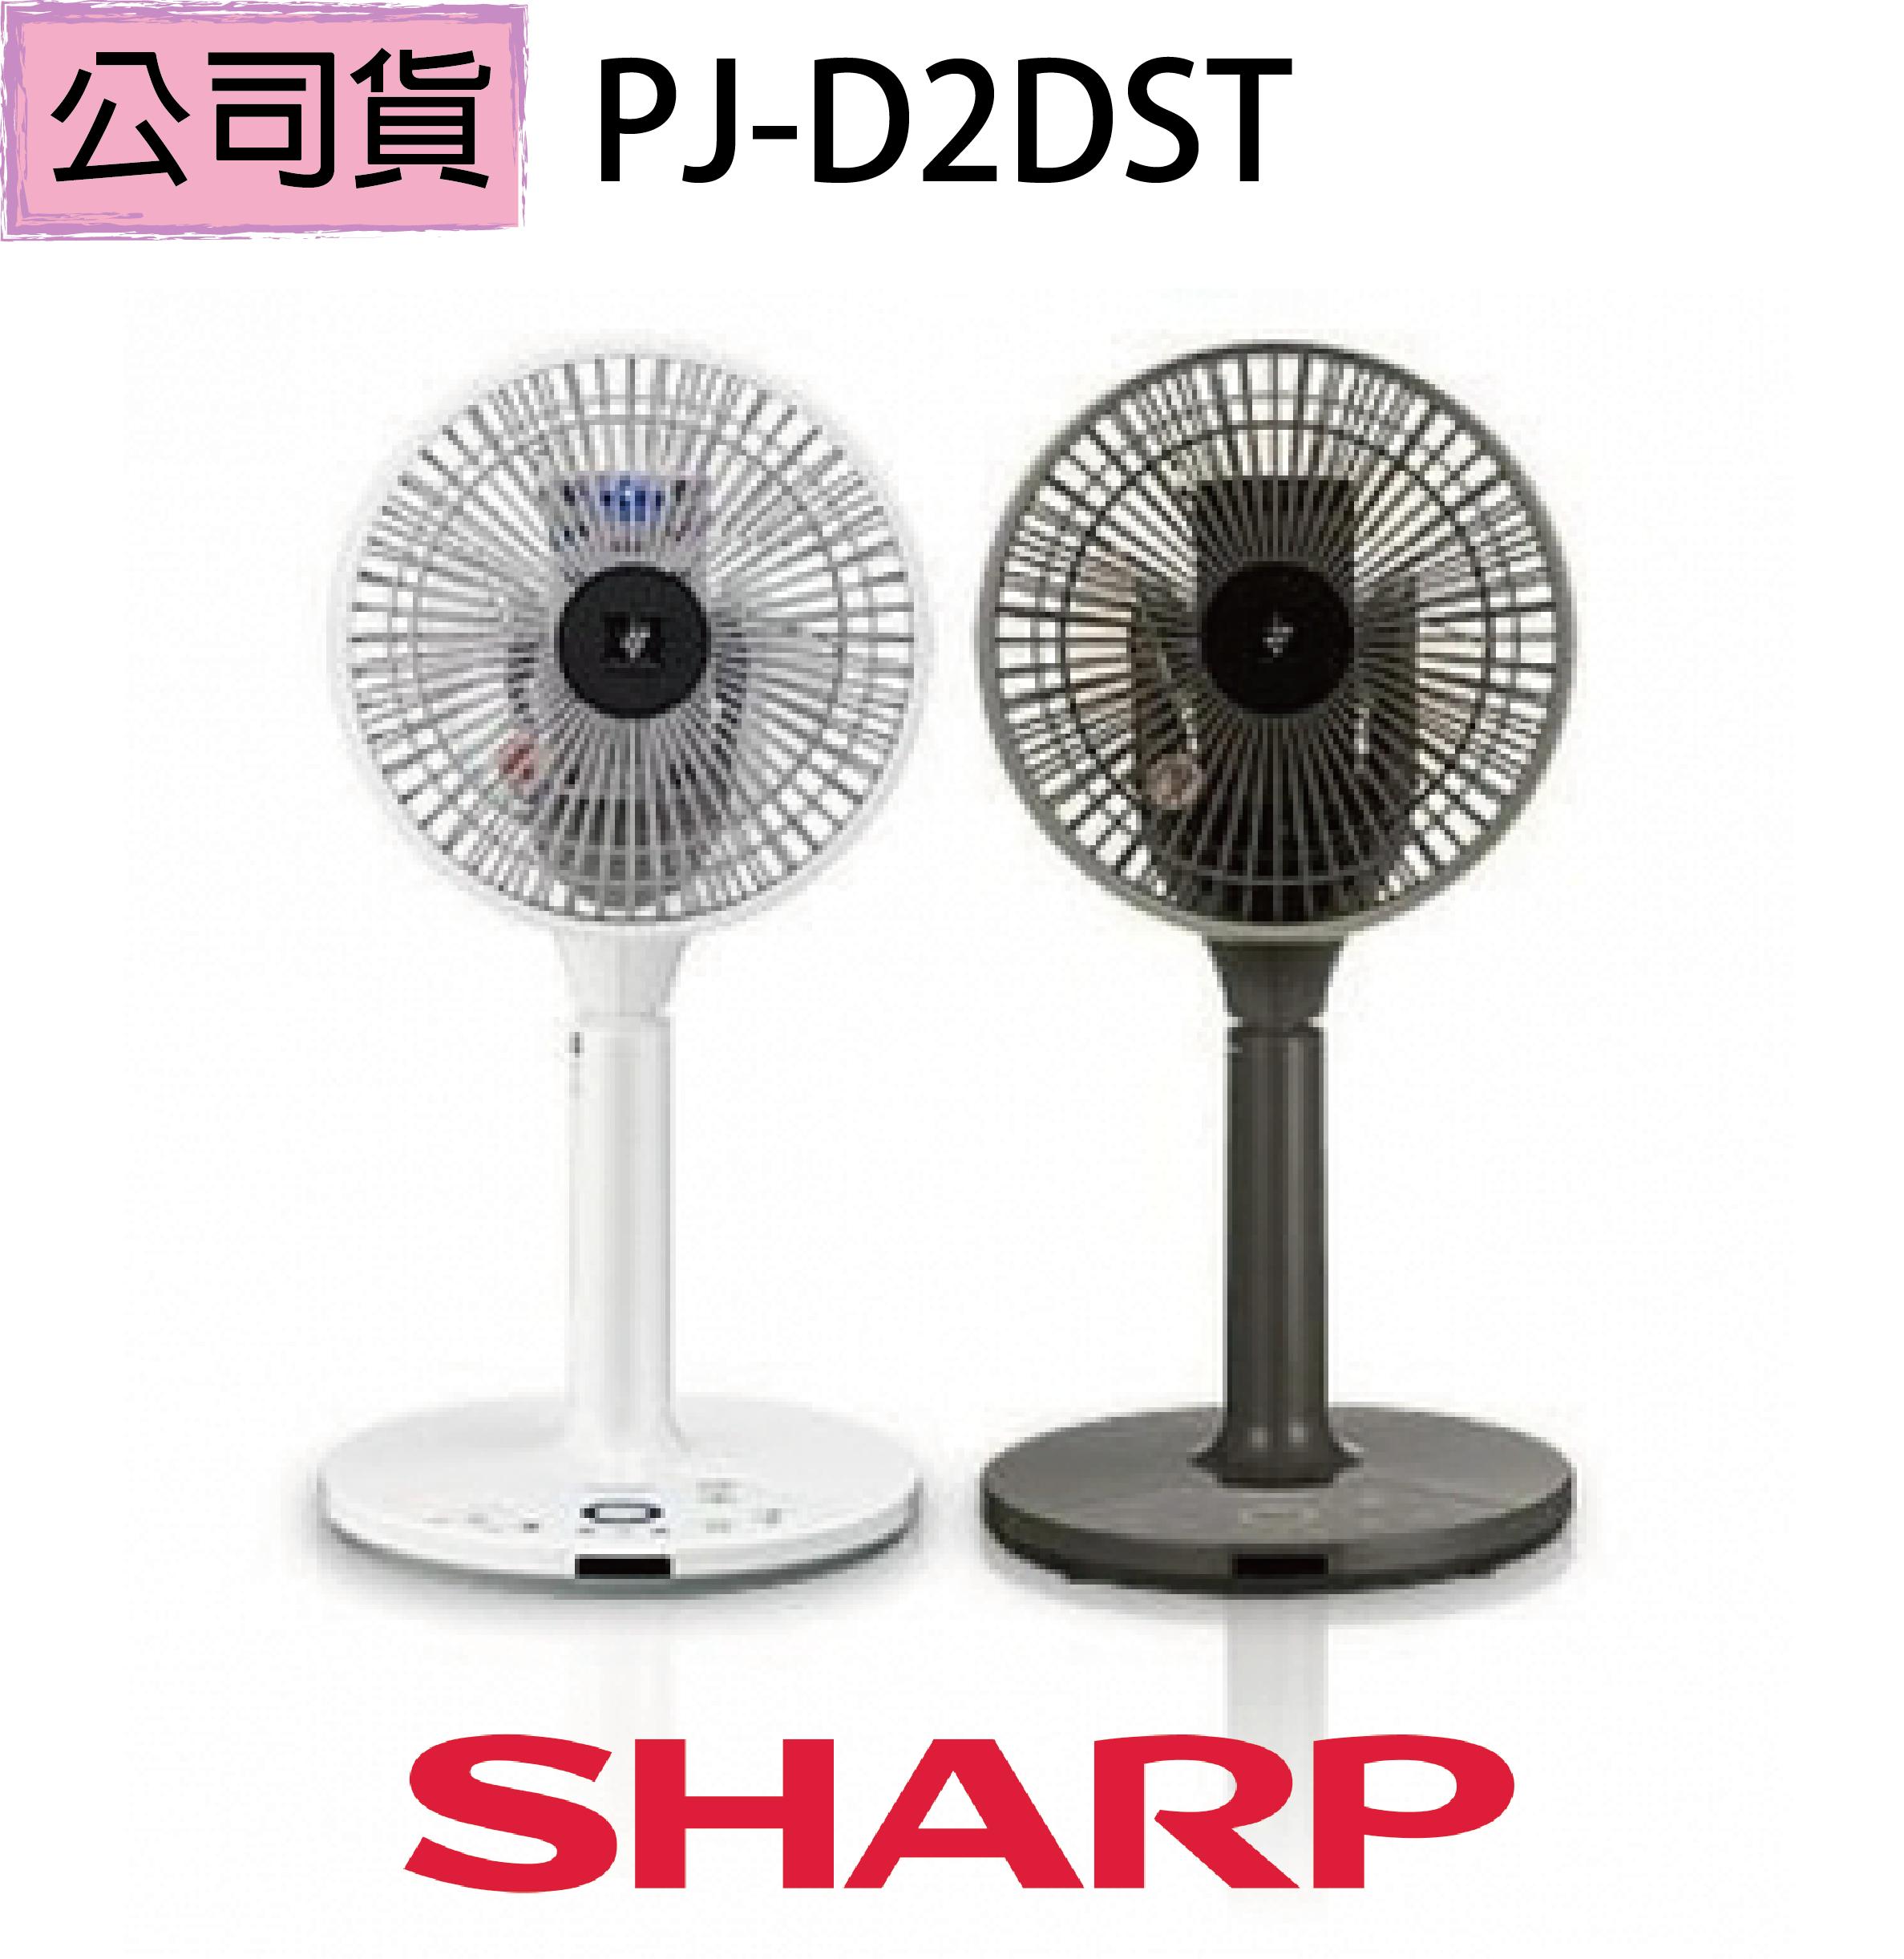 【SHARP】夏寶 6吋高濃度自動除菌離子 3D清淨循環機PJ-D2DST(公司貨)